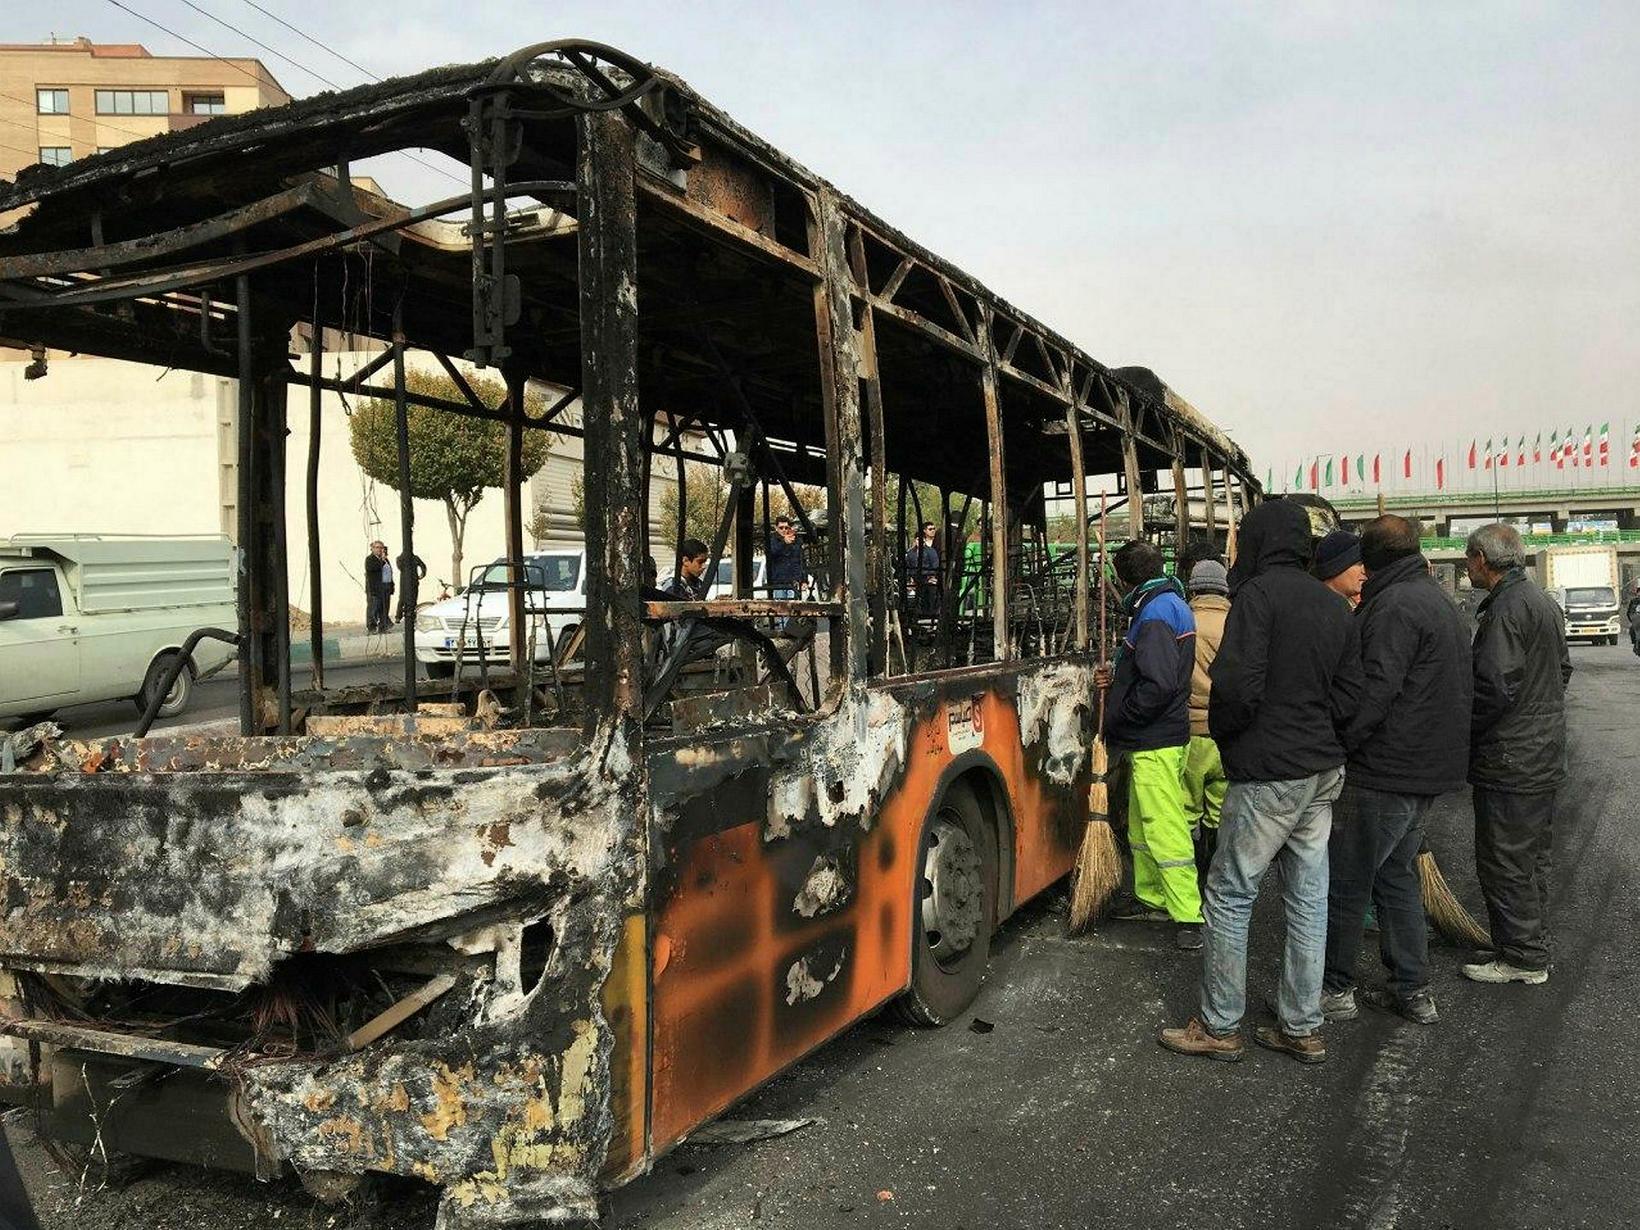 Frá borginni Isfahan 17. nóvember síðastliðinn. Mótmælendur kveiktu í þessum …